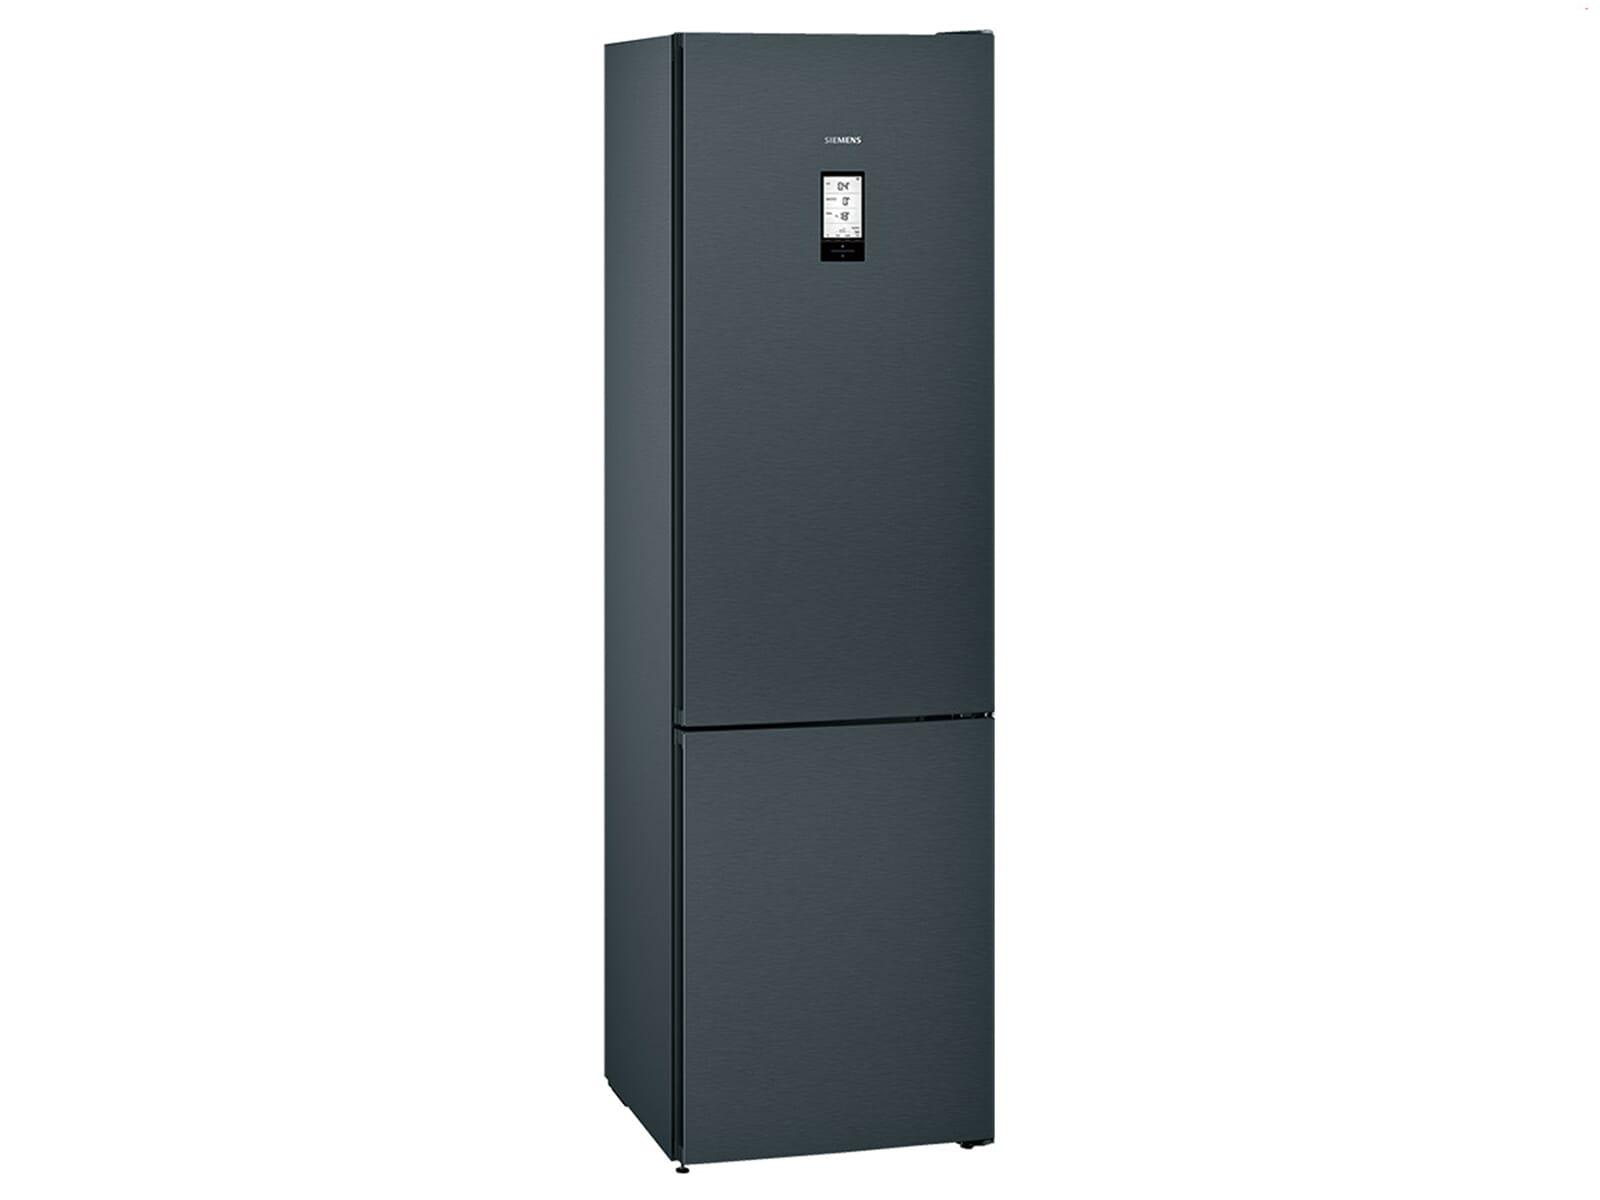 Siemens Kühlschrank Qc 493 : Privileg kühlschrank no frost bedienungsanleitung bosch side by